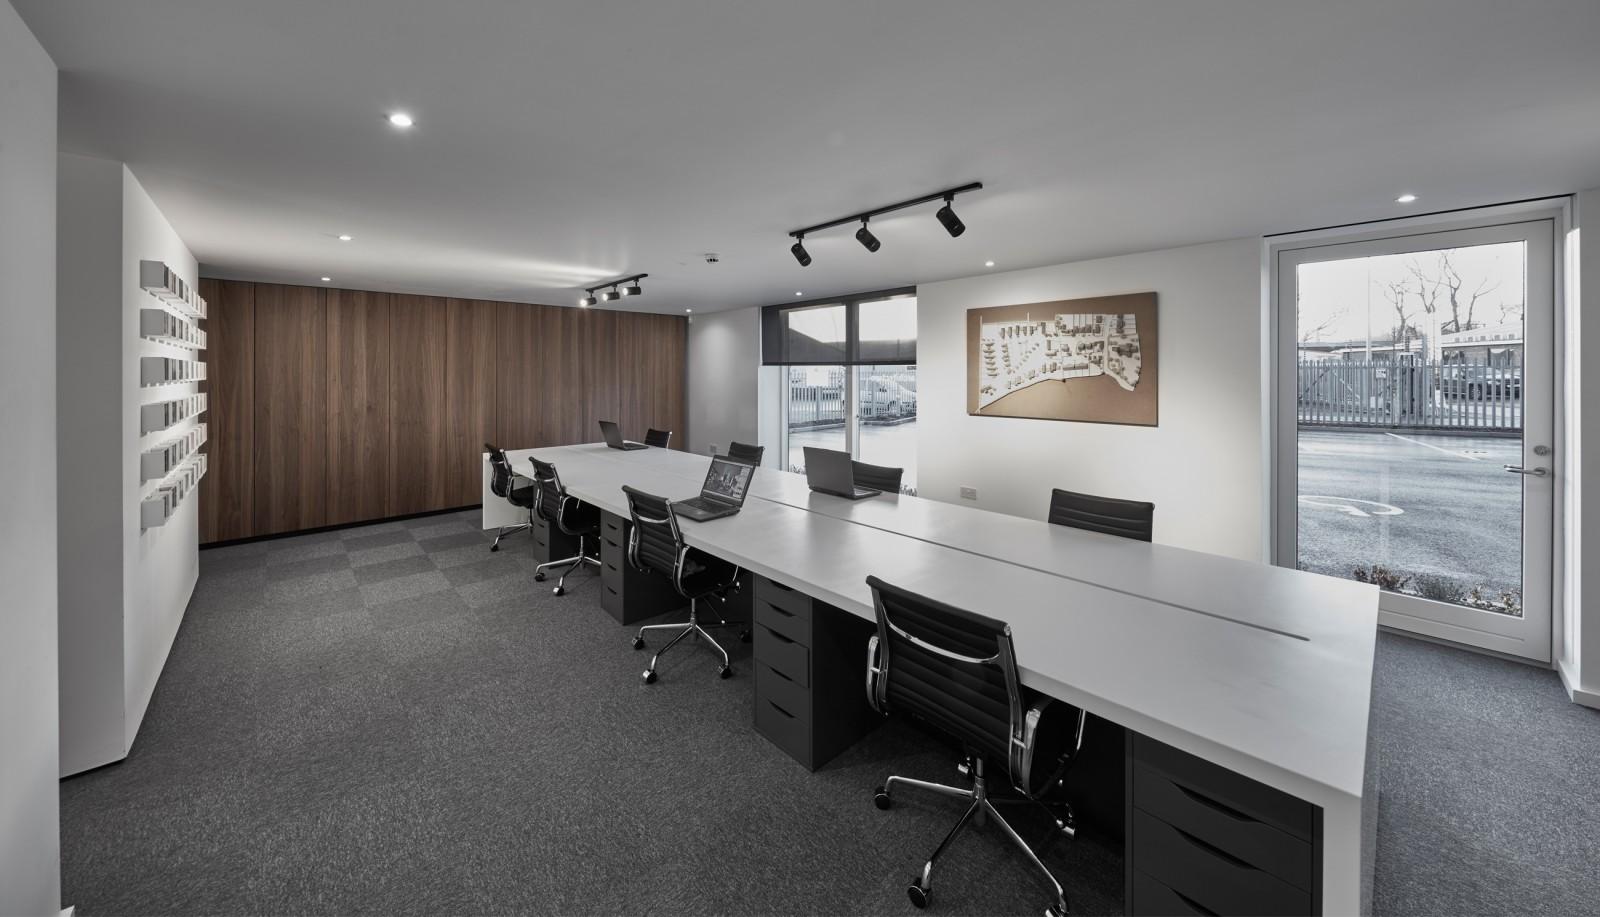 The design studio of id architecture id architecture for The design studio